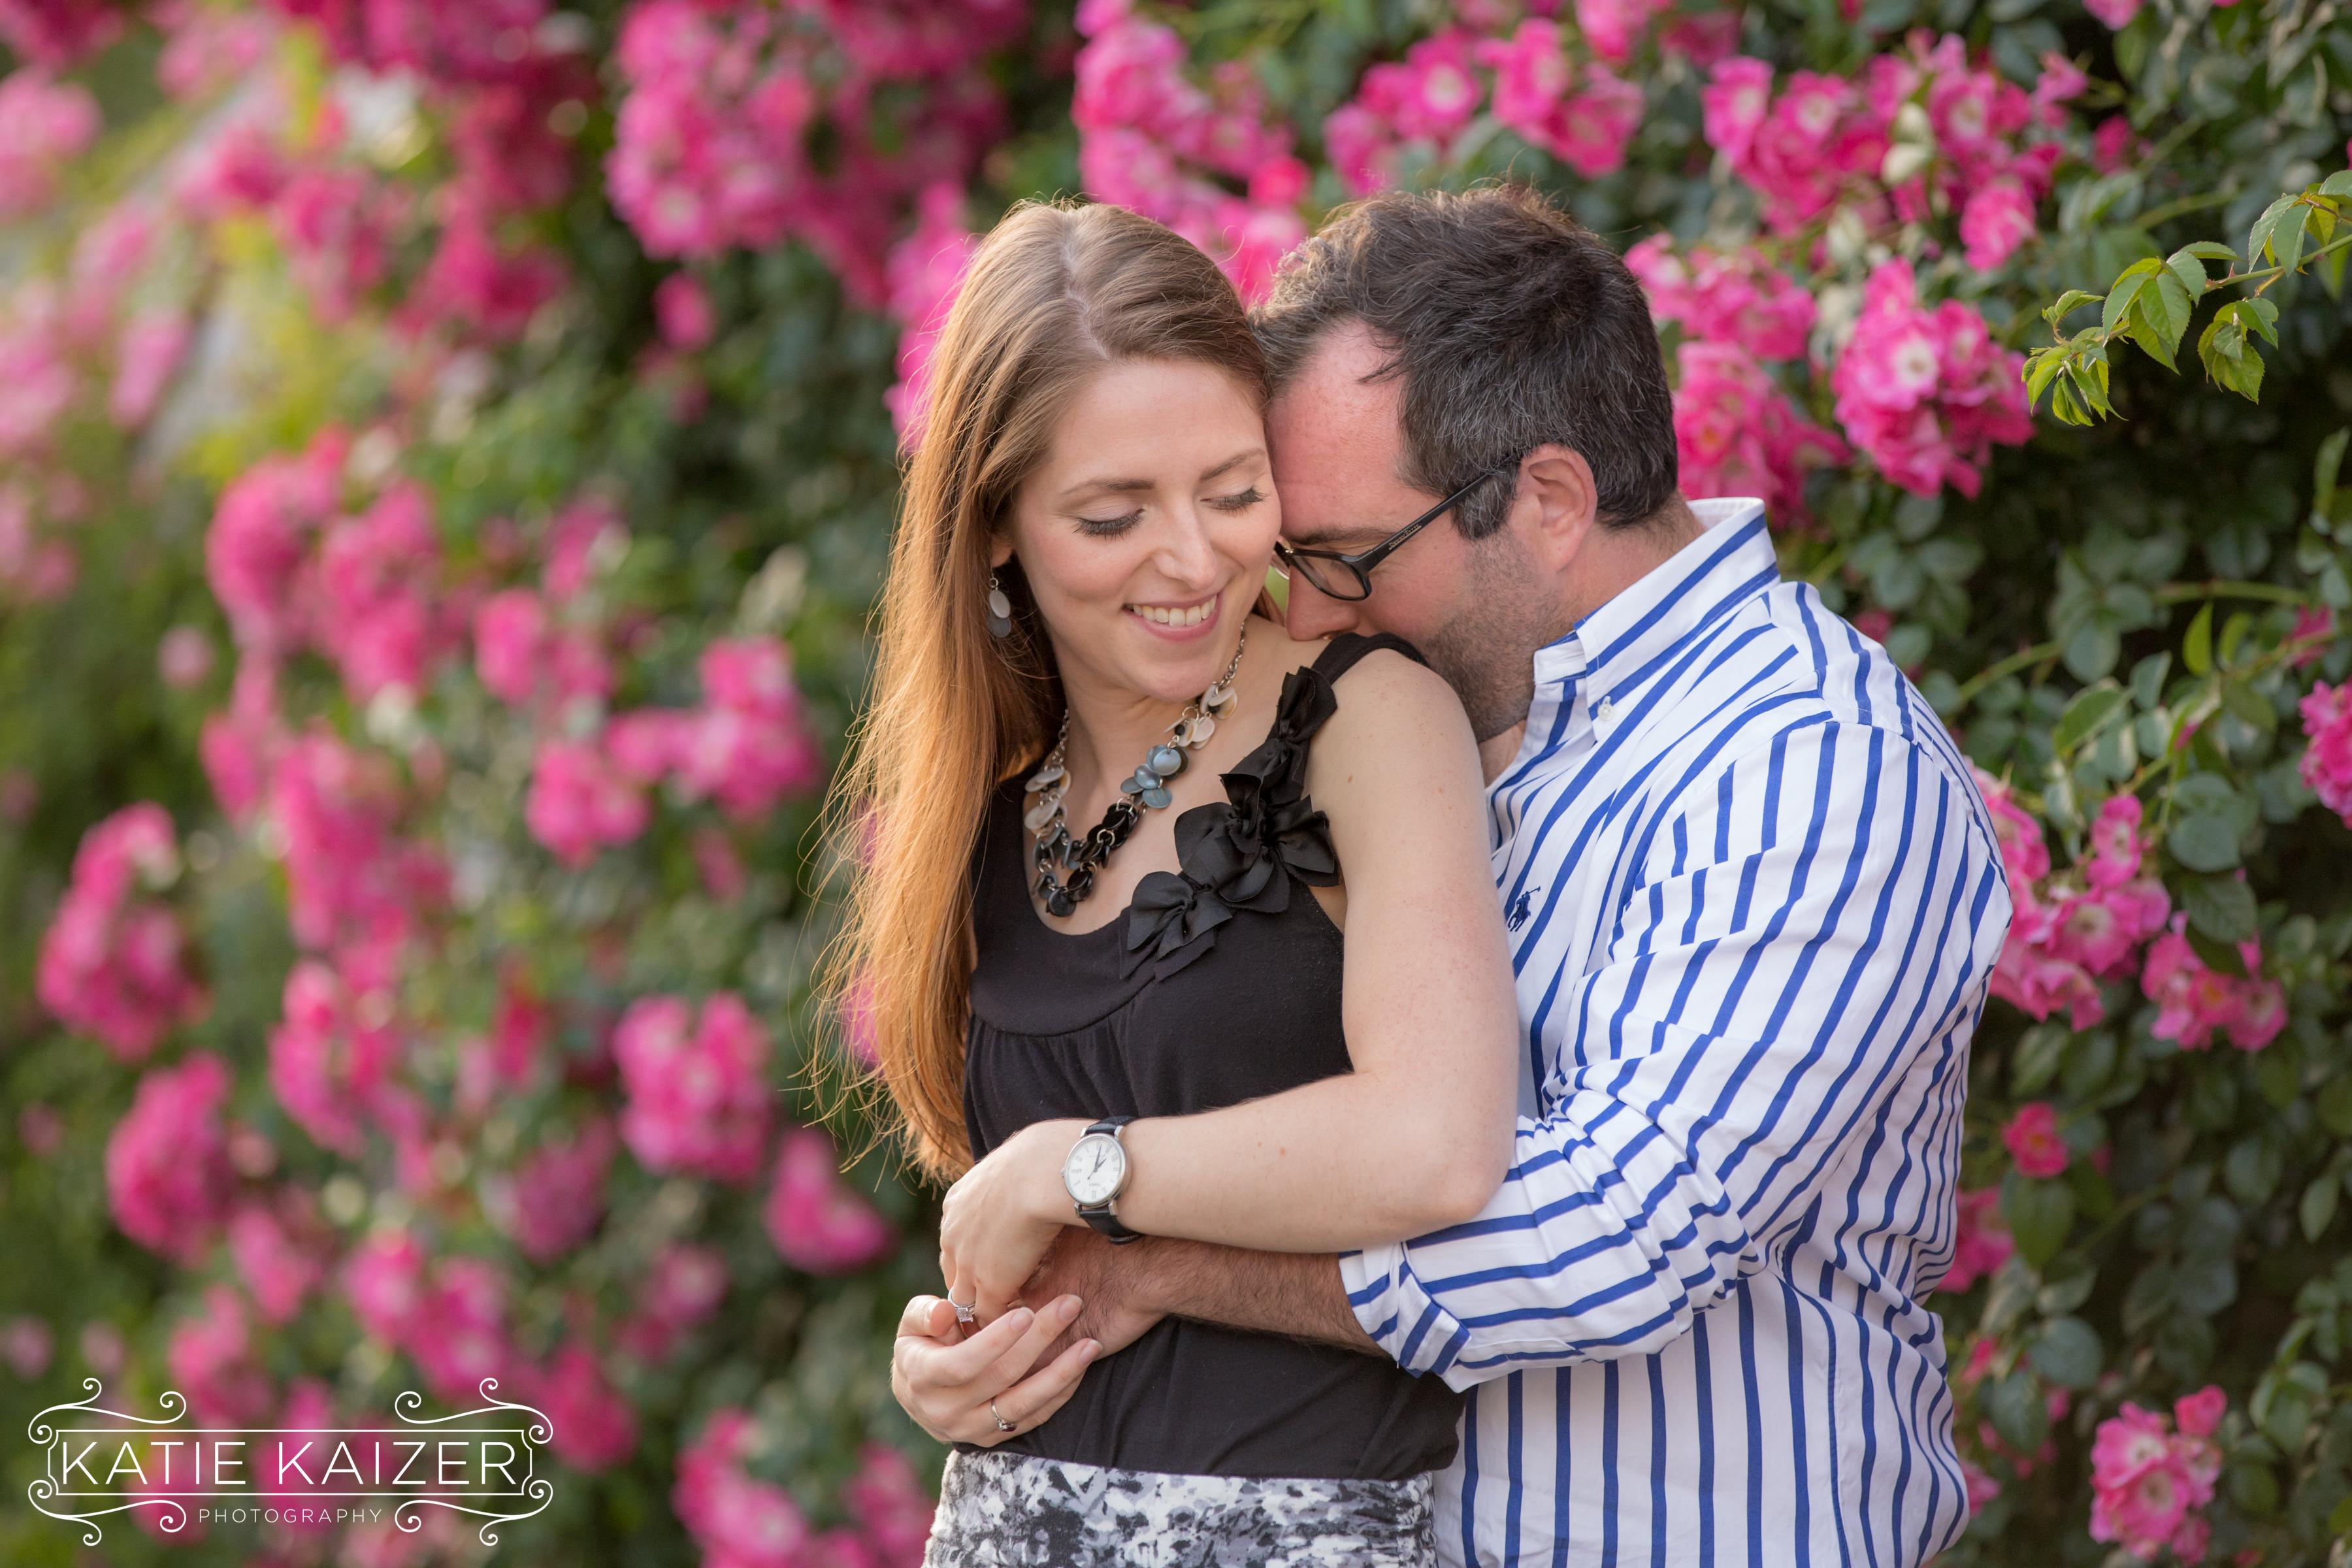 Proposal_006_KatieKaizerPhotography